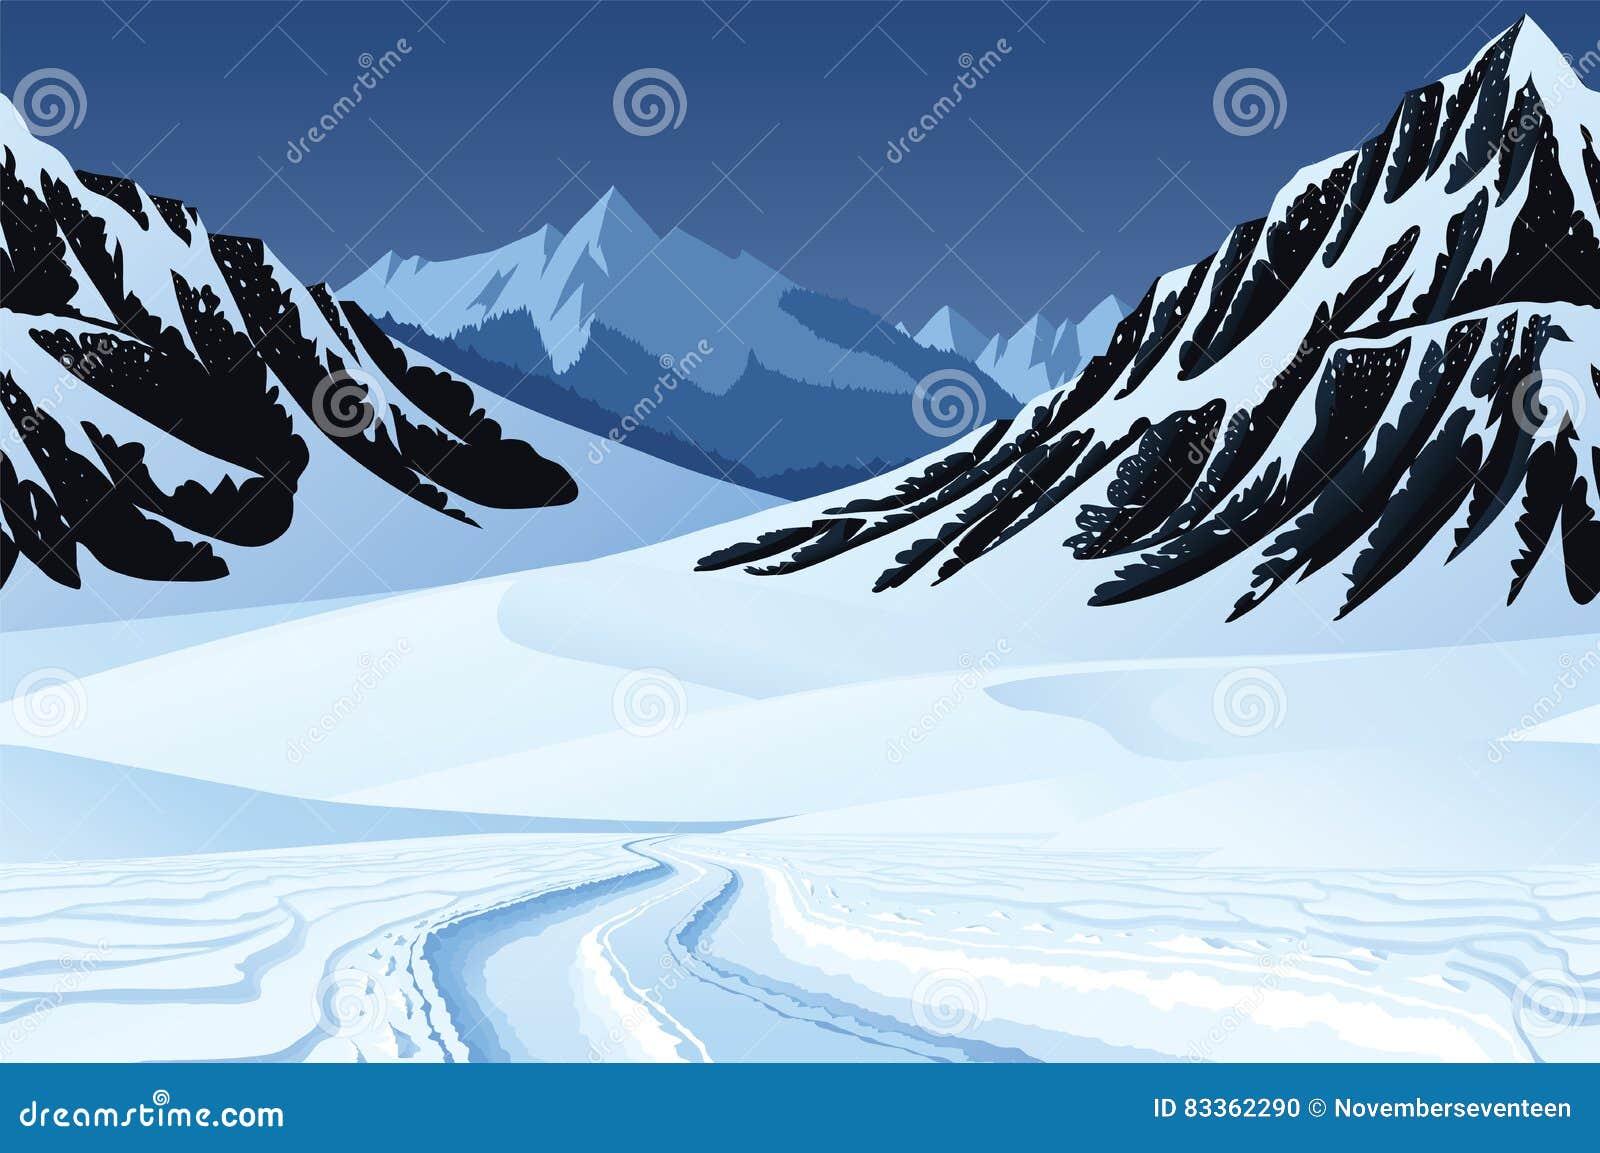 Sömlös bakgrund med vinterlandskap, berg, snö